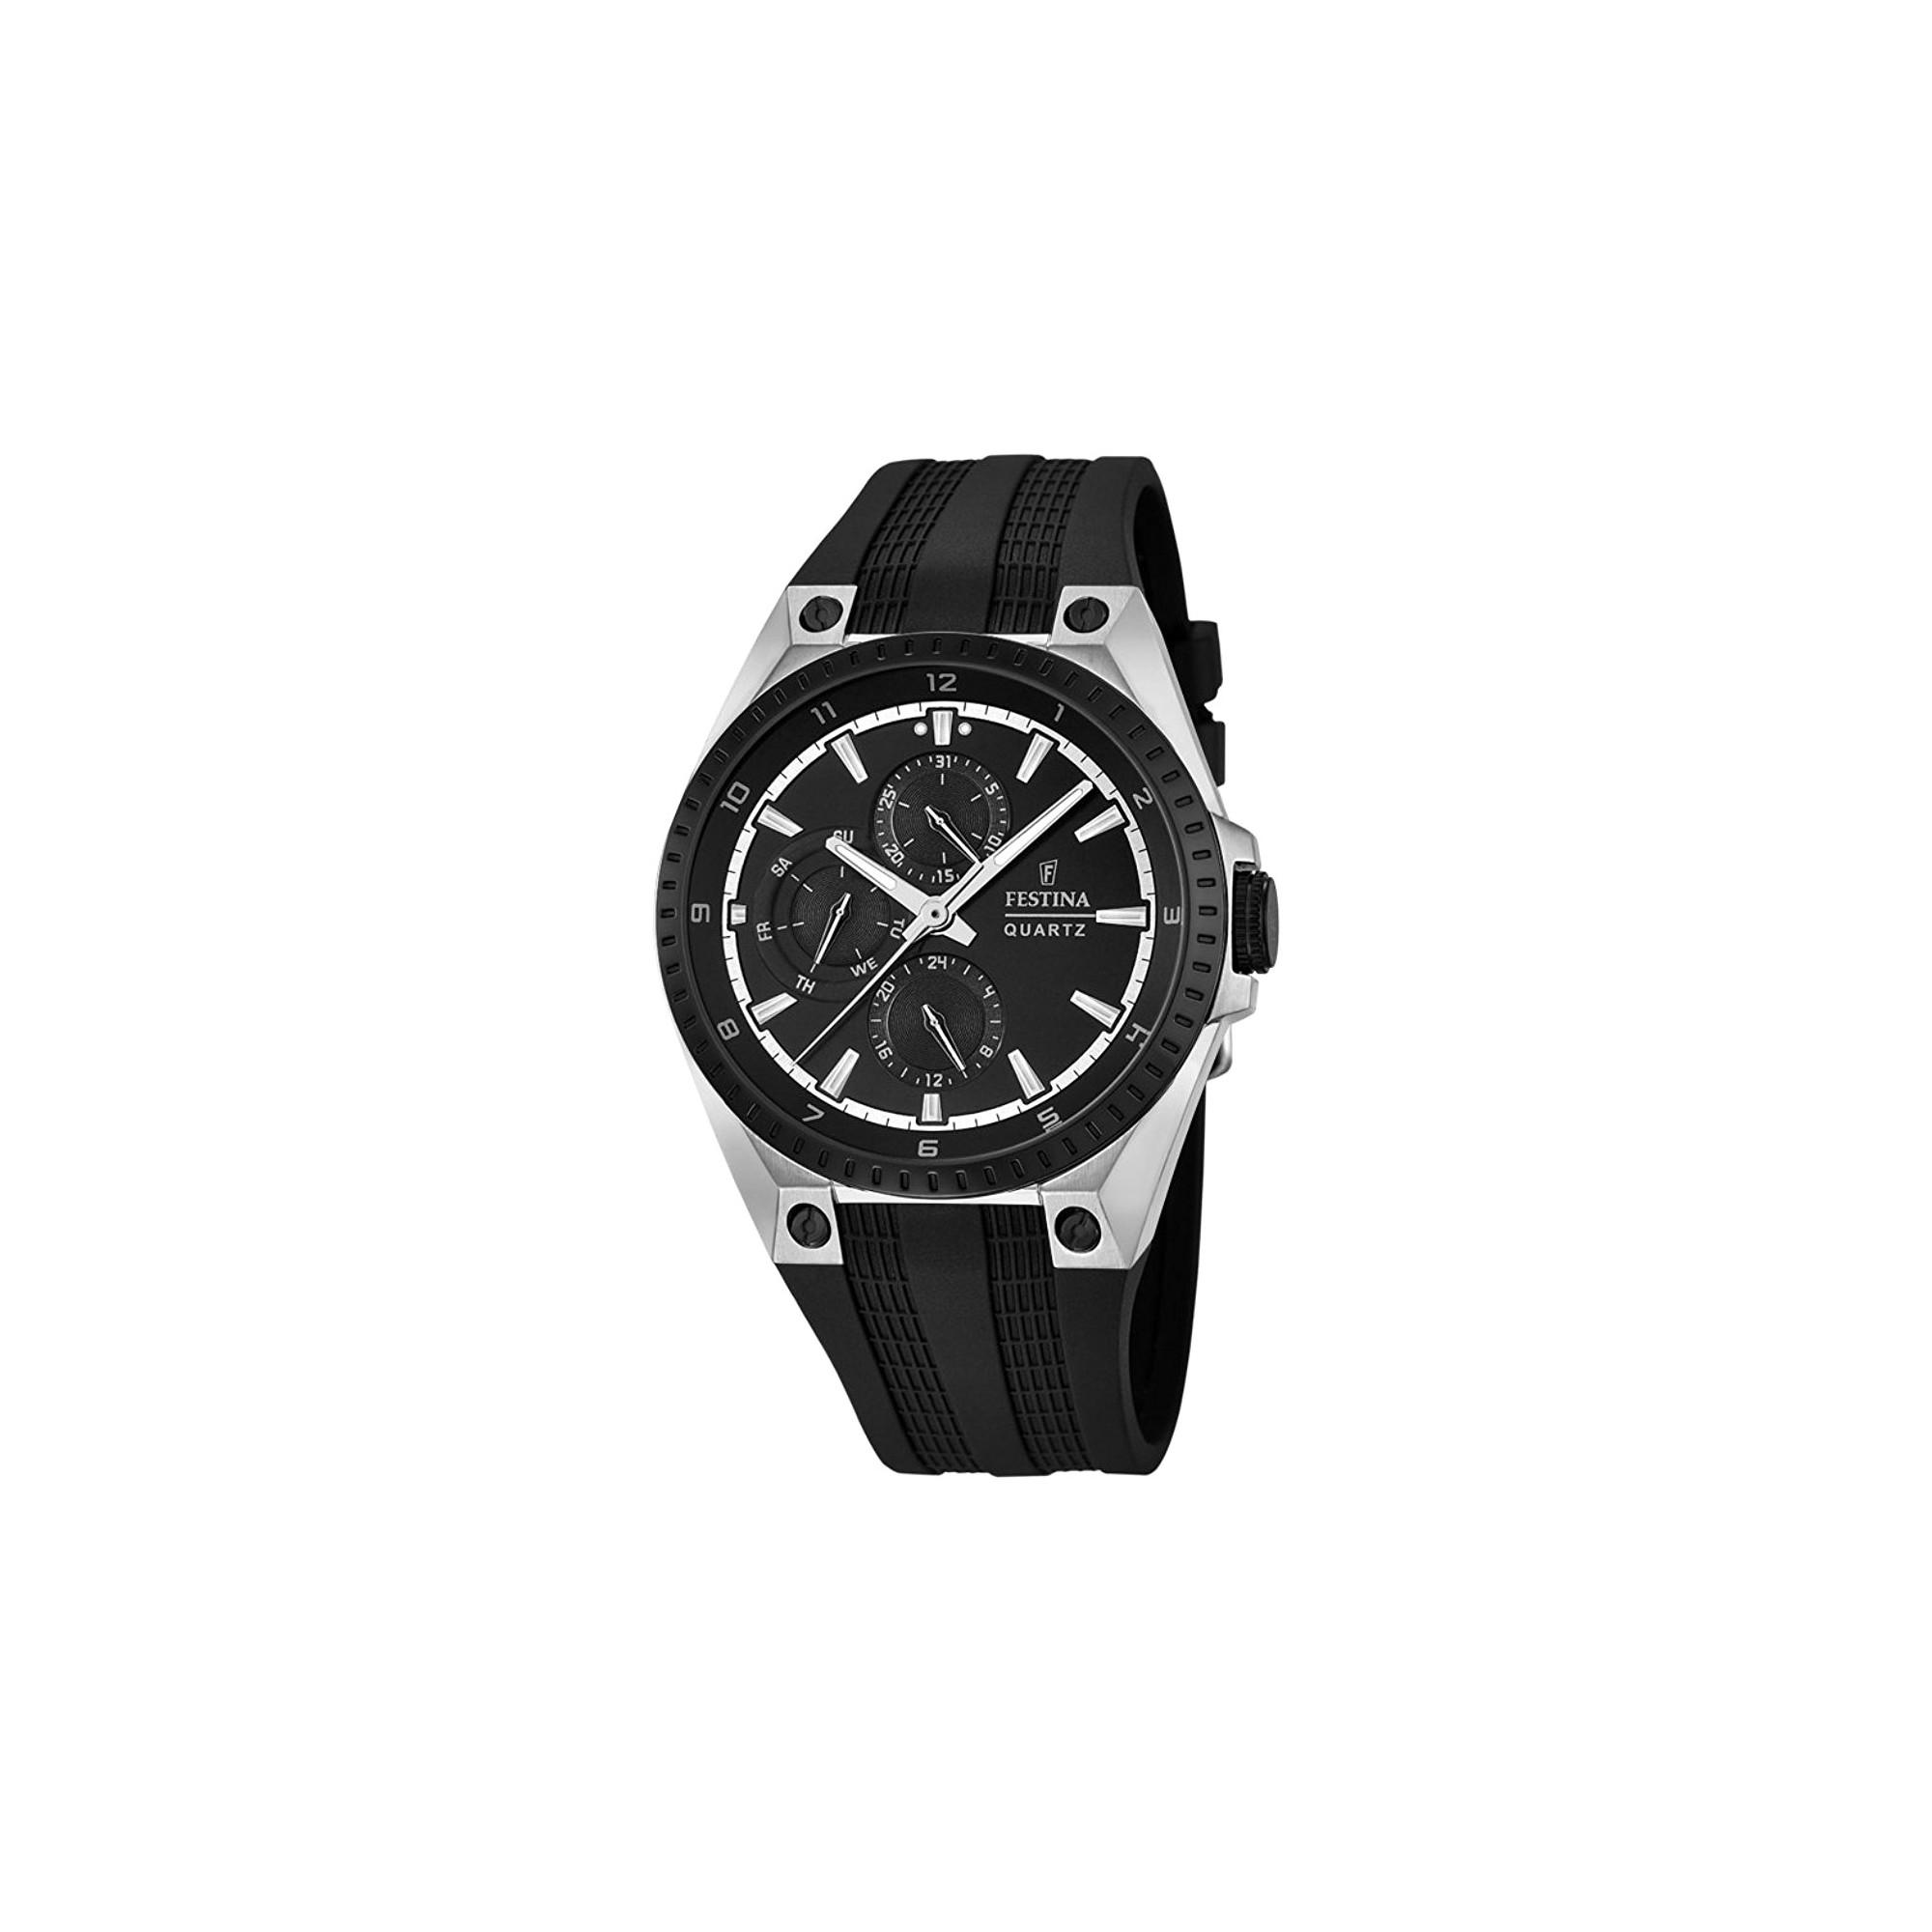 Reloj para chico Festina deportivo con correa de goma negra F16834-1 31573e71a701